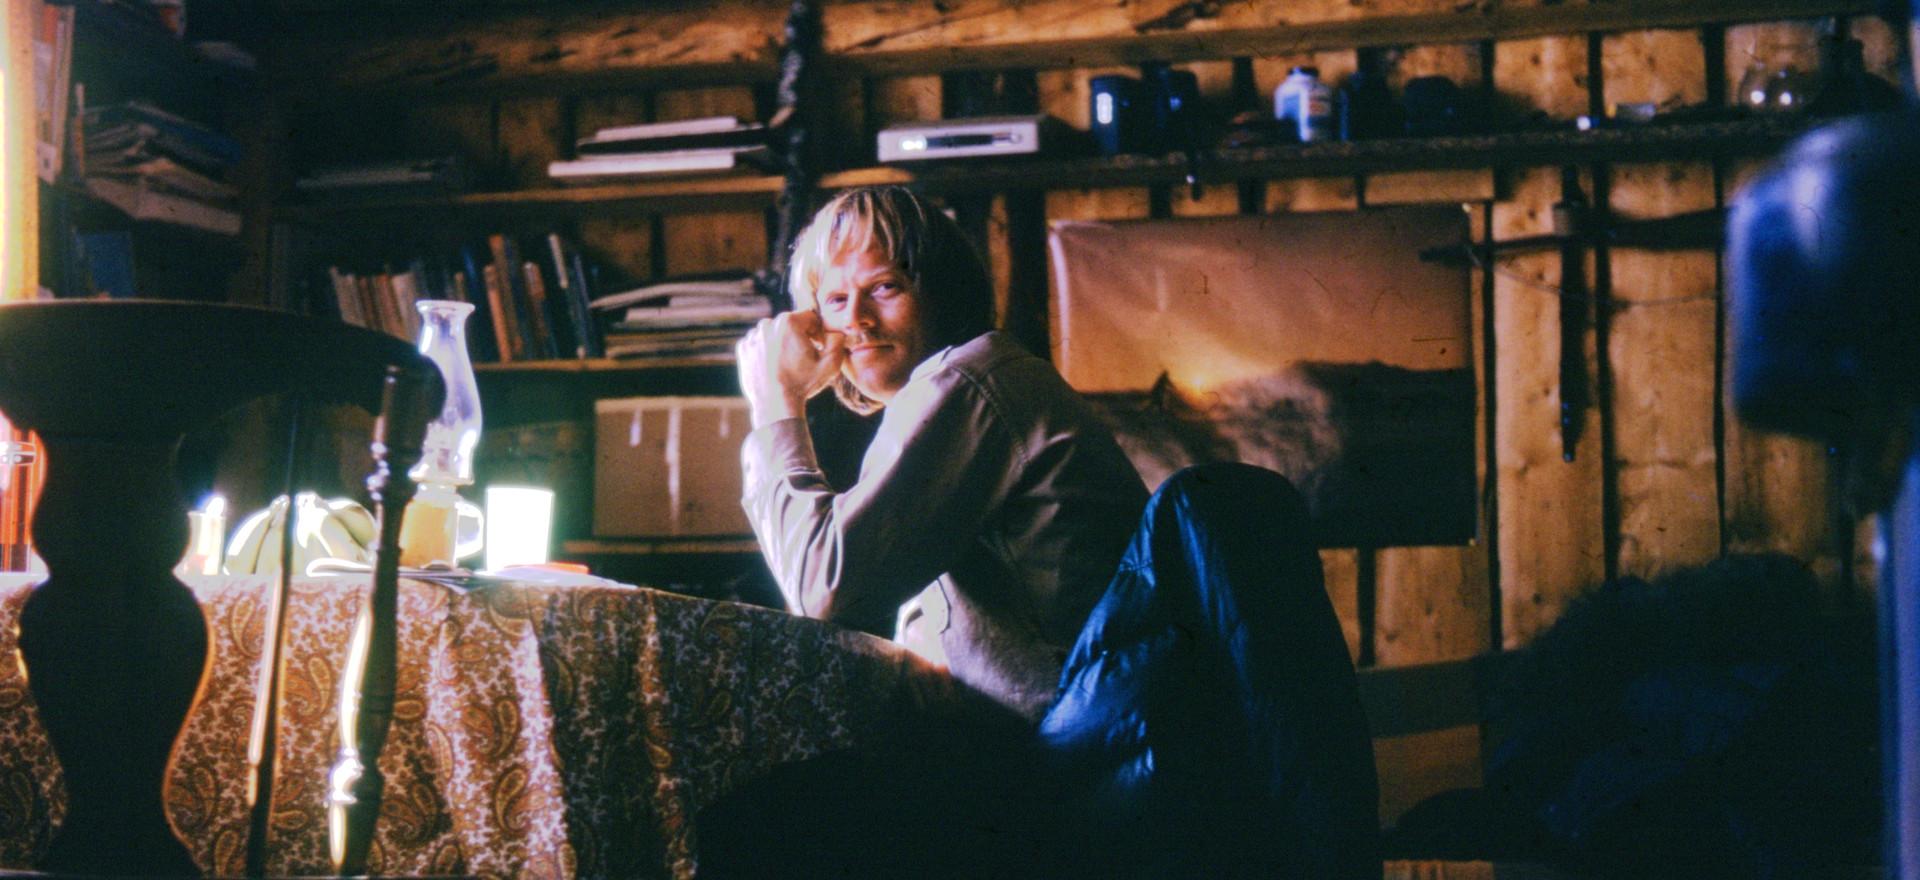 Richard taking a break from writing field notes in Huslia, Alaska.